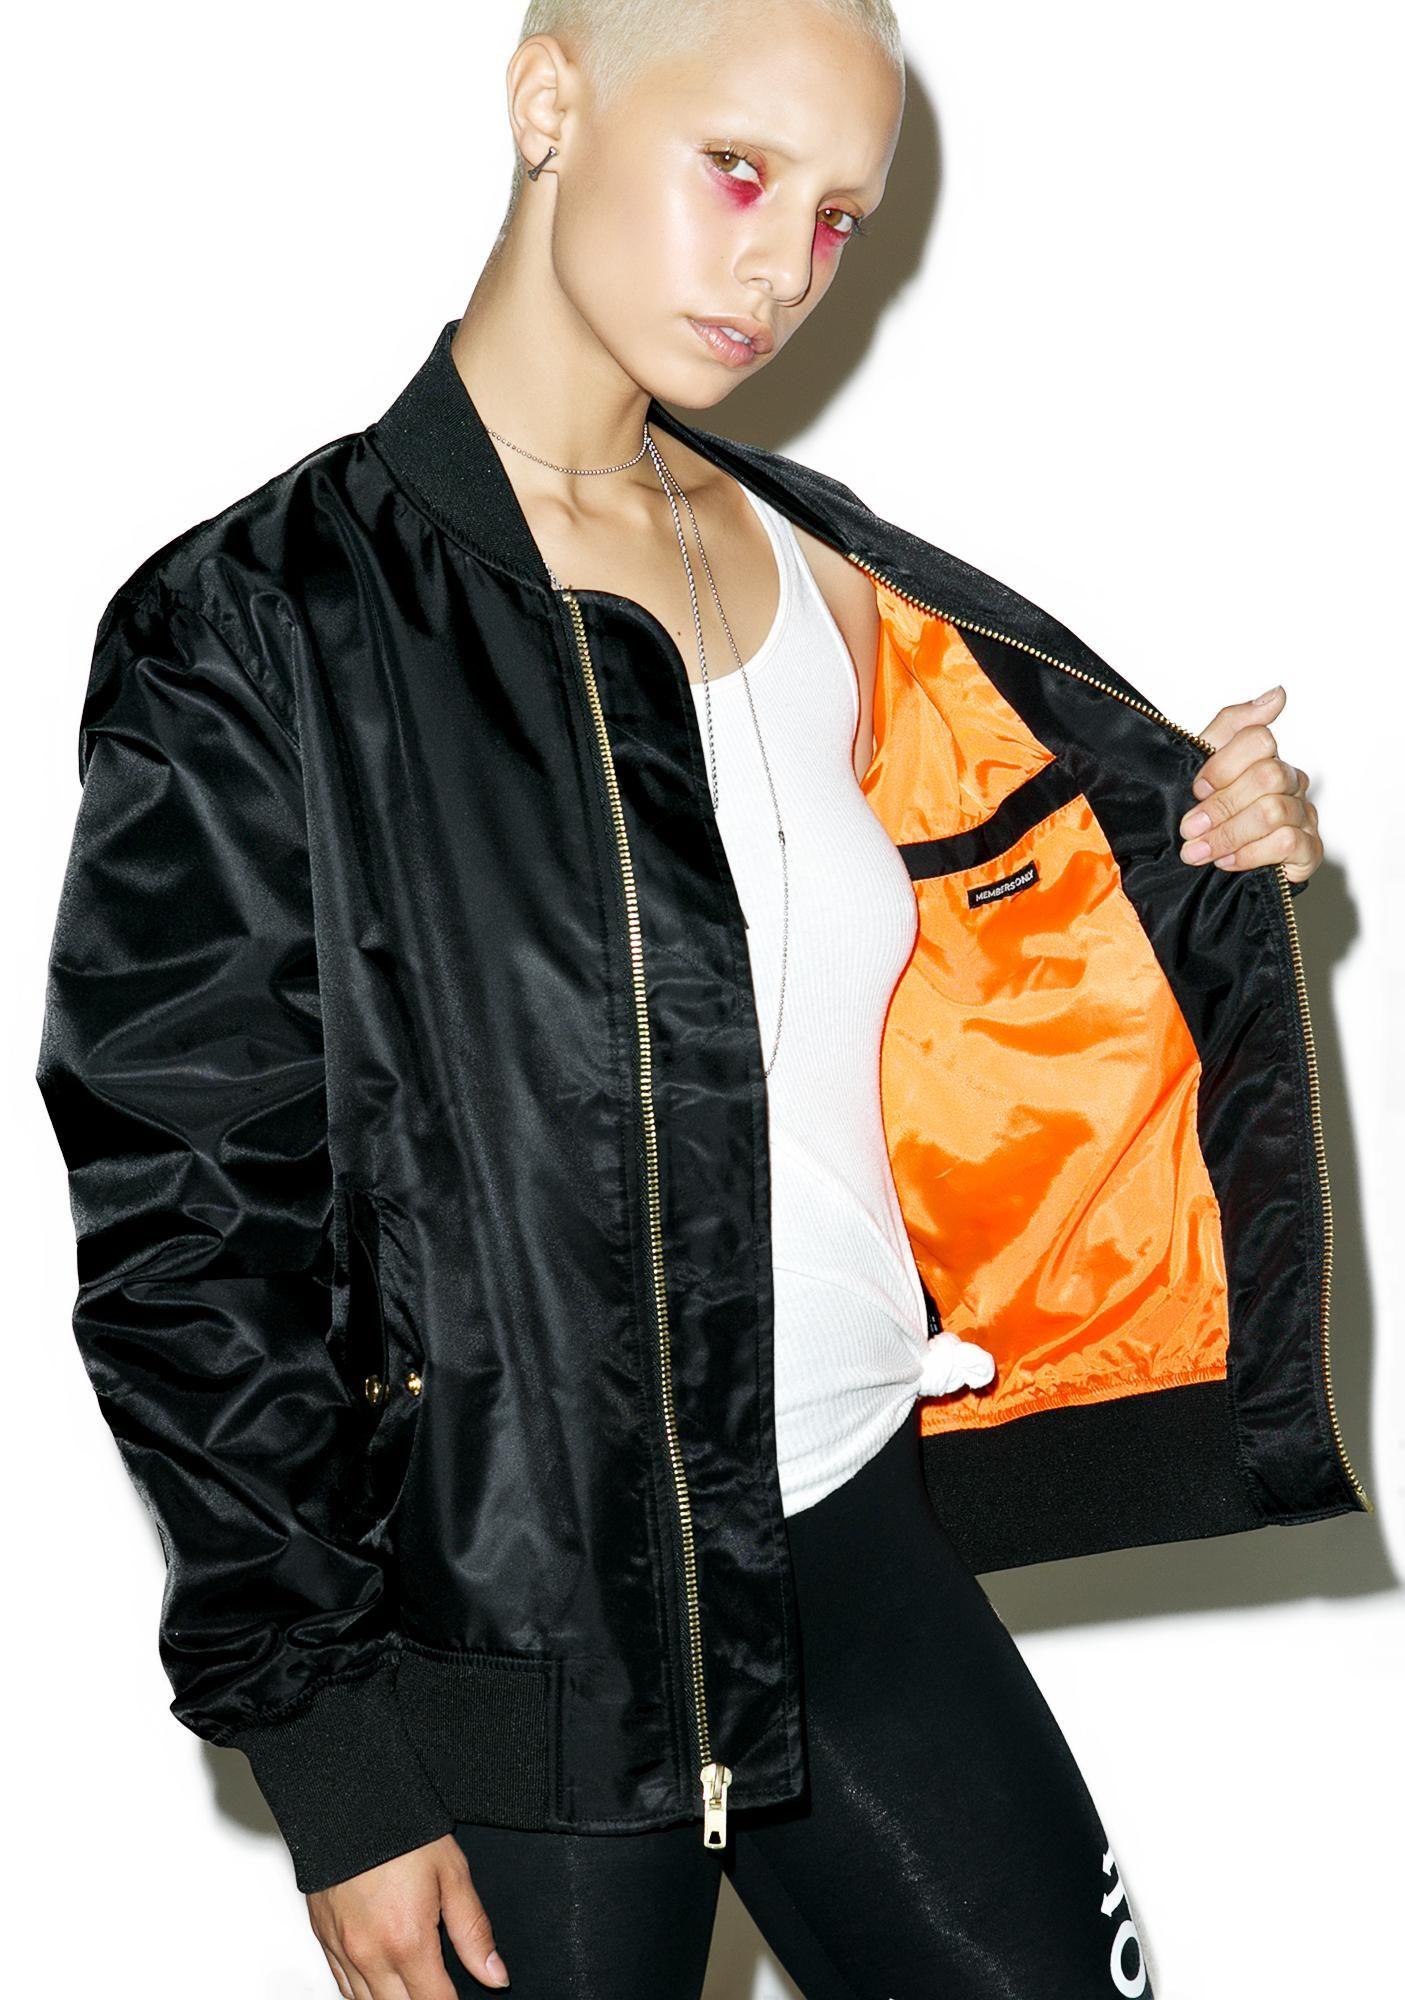 Ma 1 Bomber Jacket Bomber Jacket Jackets Clothes Design [ 2000 x 1405 Pixel ]